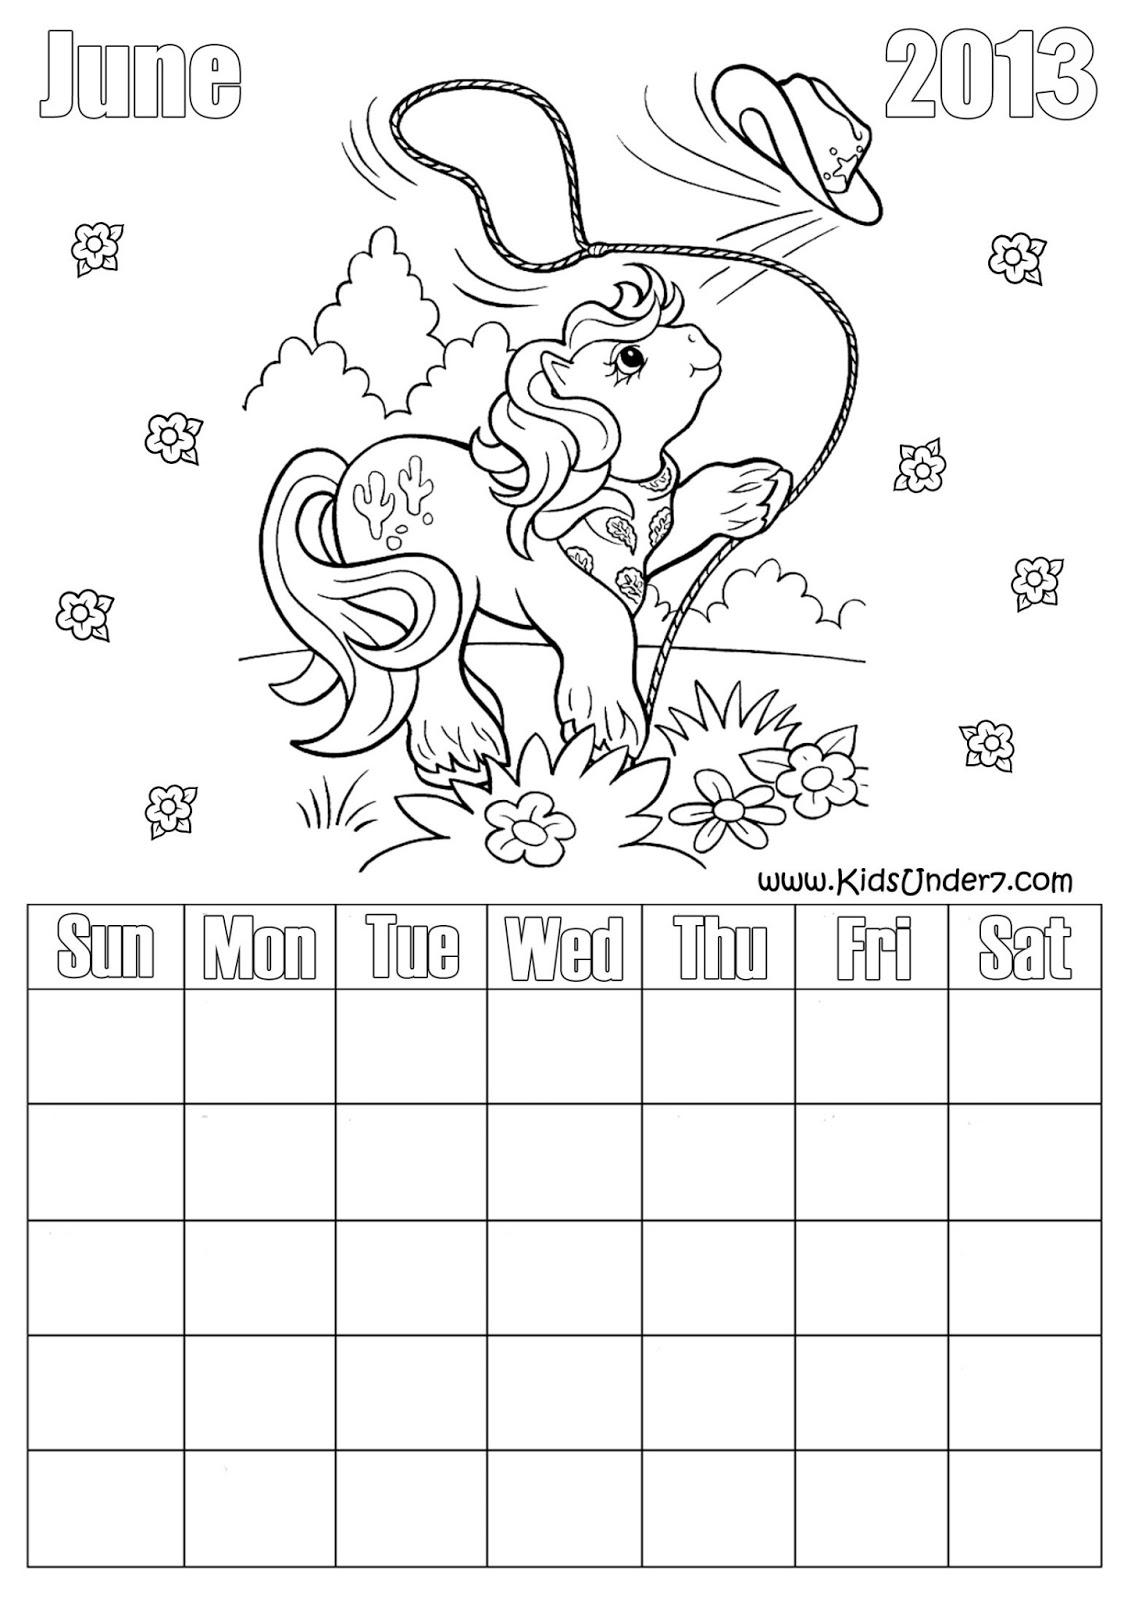 Kids Under 7: Loose-Leaf 2013 Calendar for kids